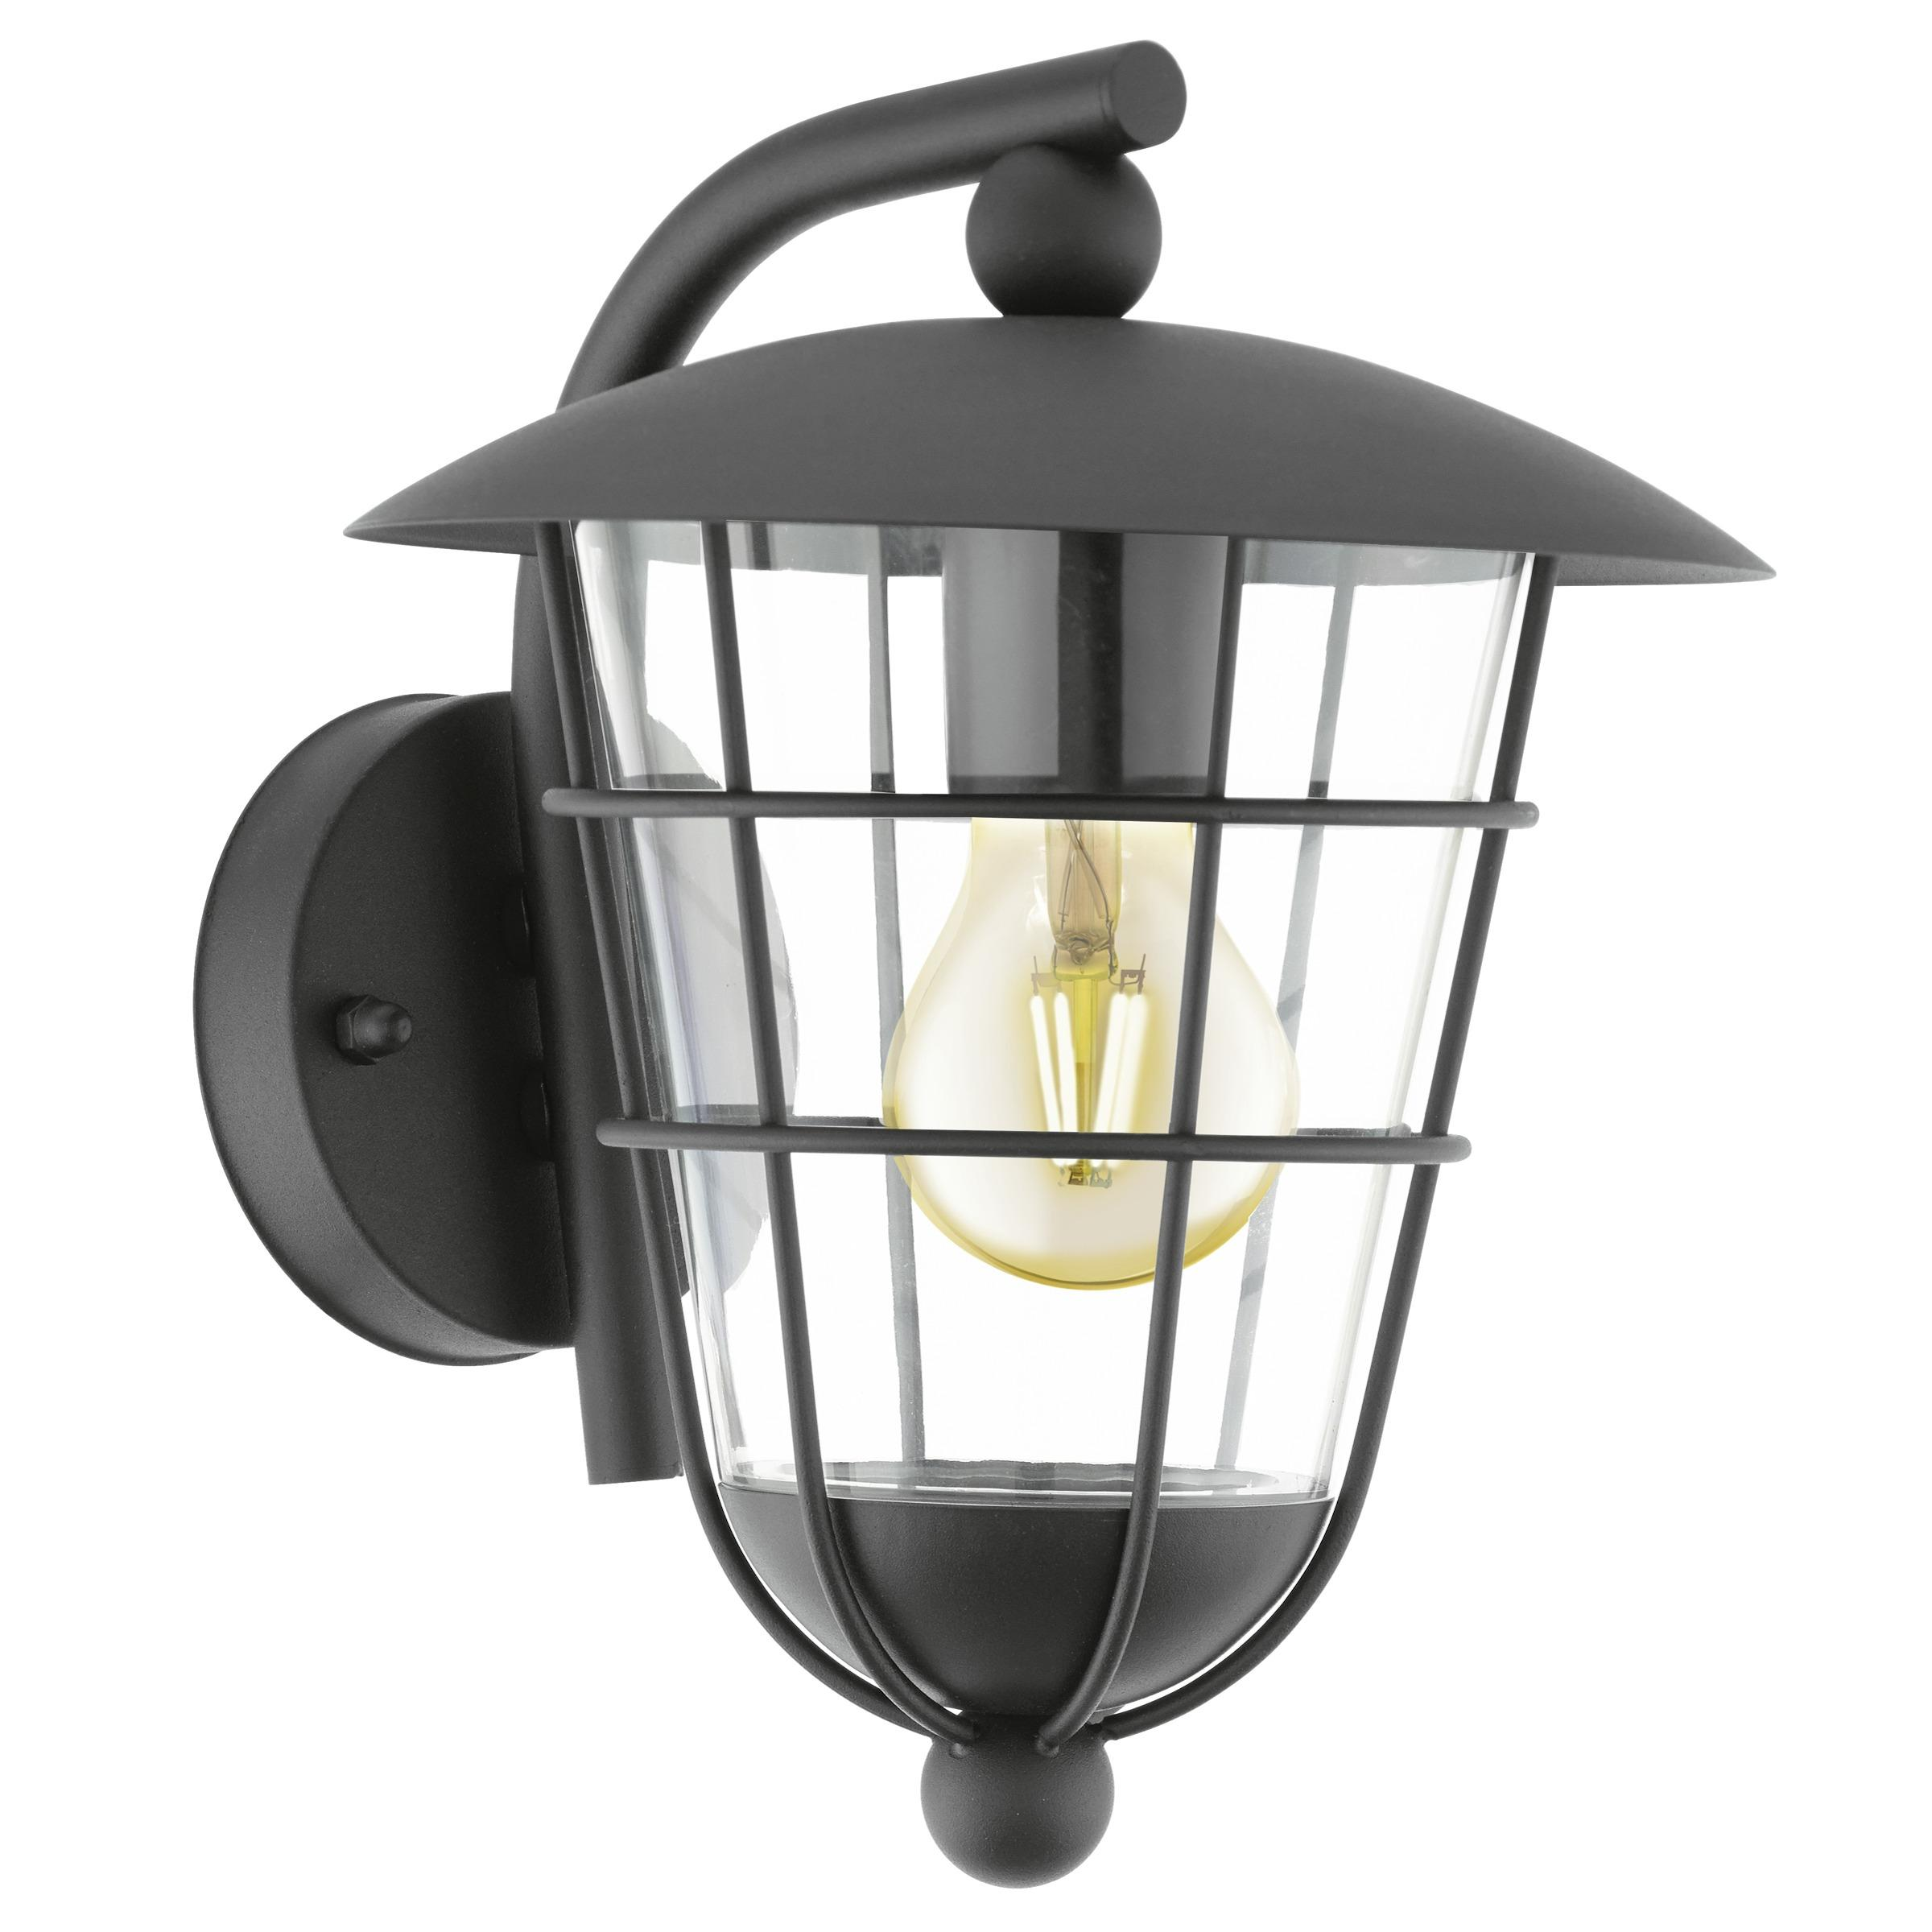 Eglo Tuinlampen 94841 Tuinverlichting